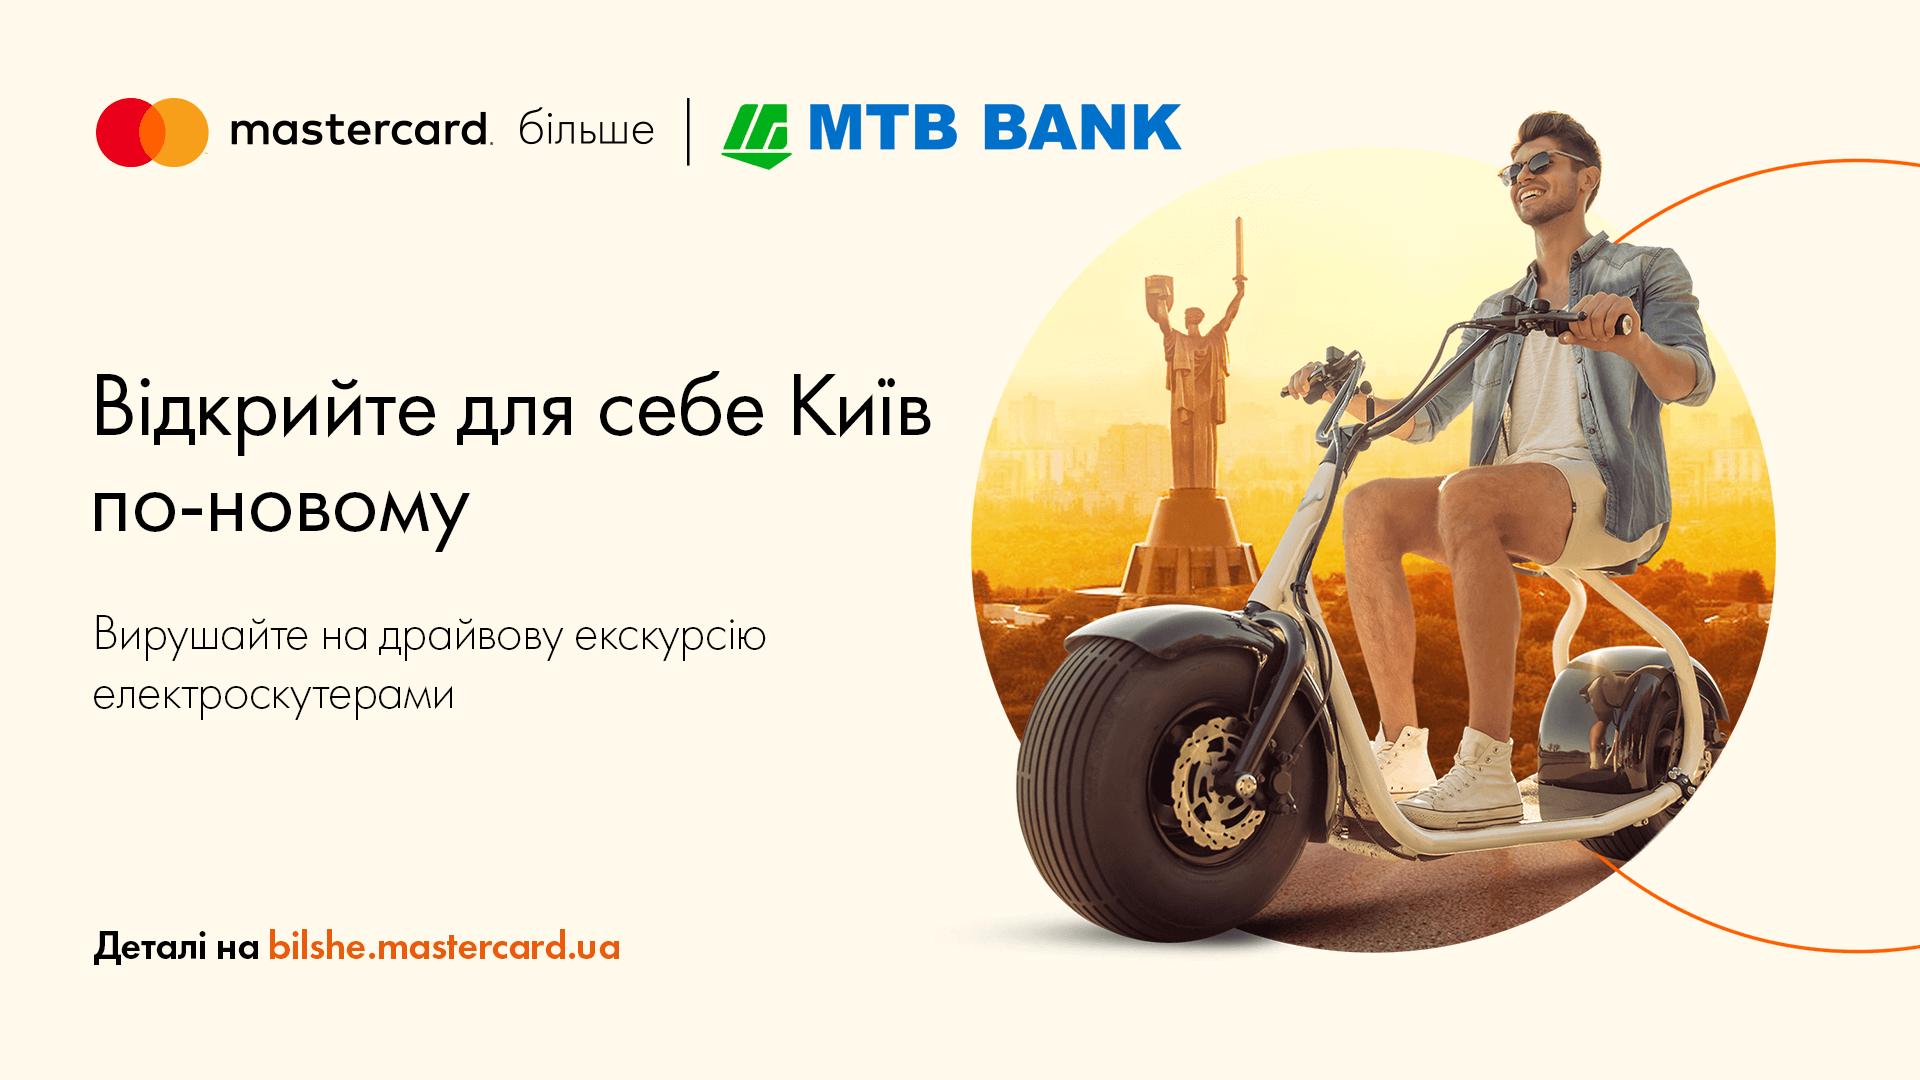 Відкрийте для себе Київ по-новому - фото - mtb.ua